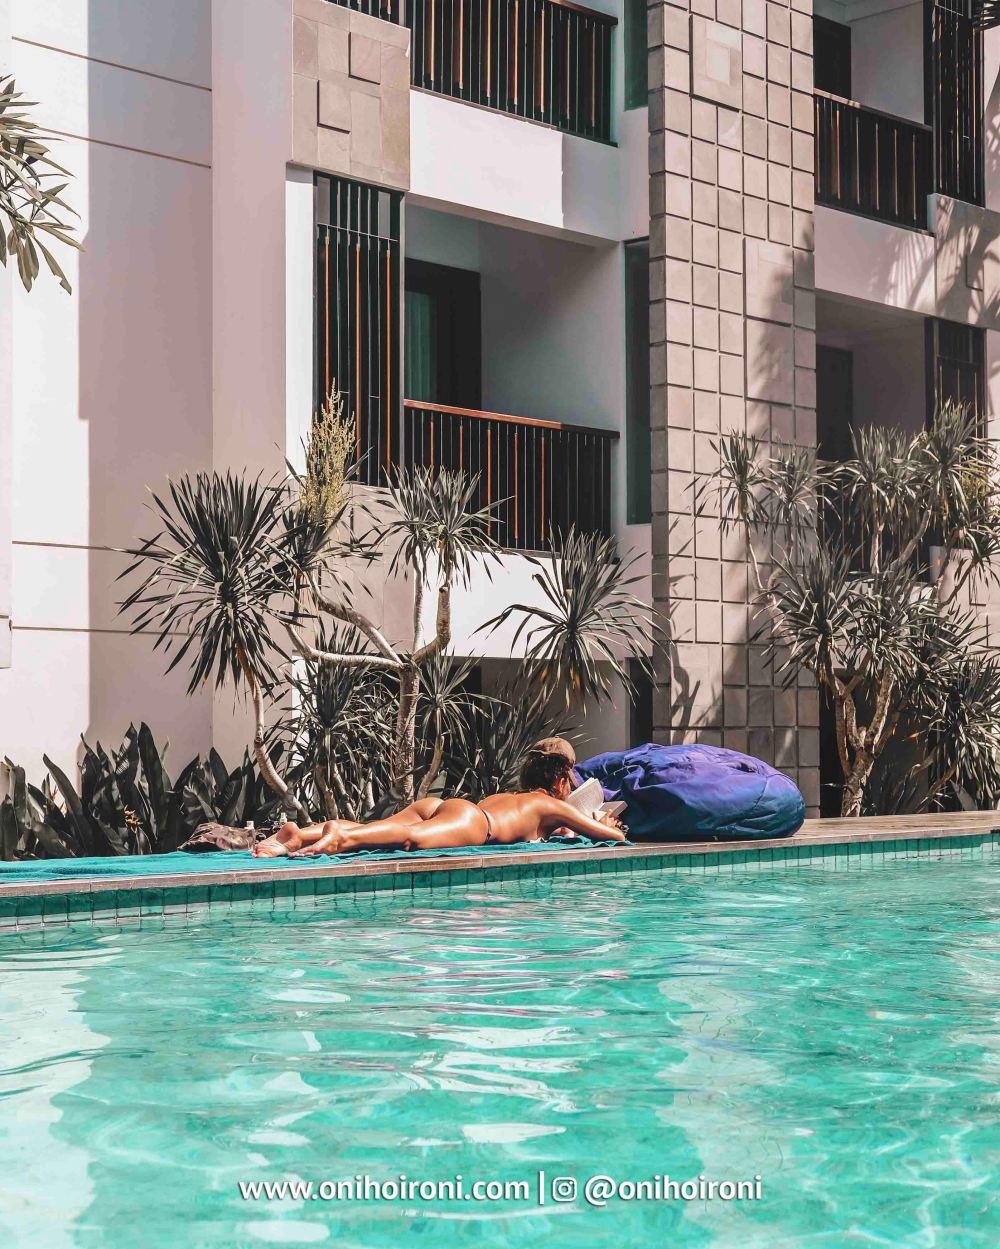 5 Swimming Pool Courtyard Seminyak